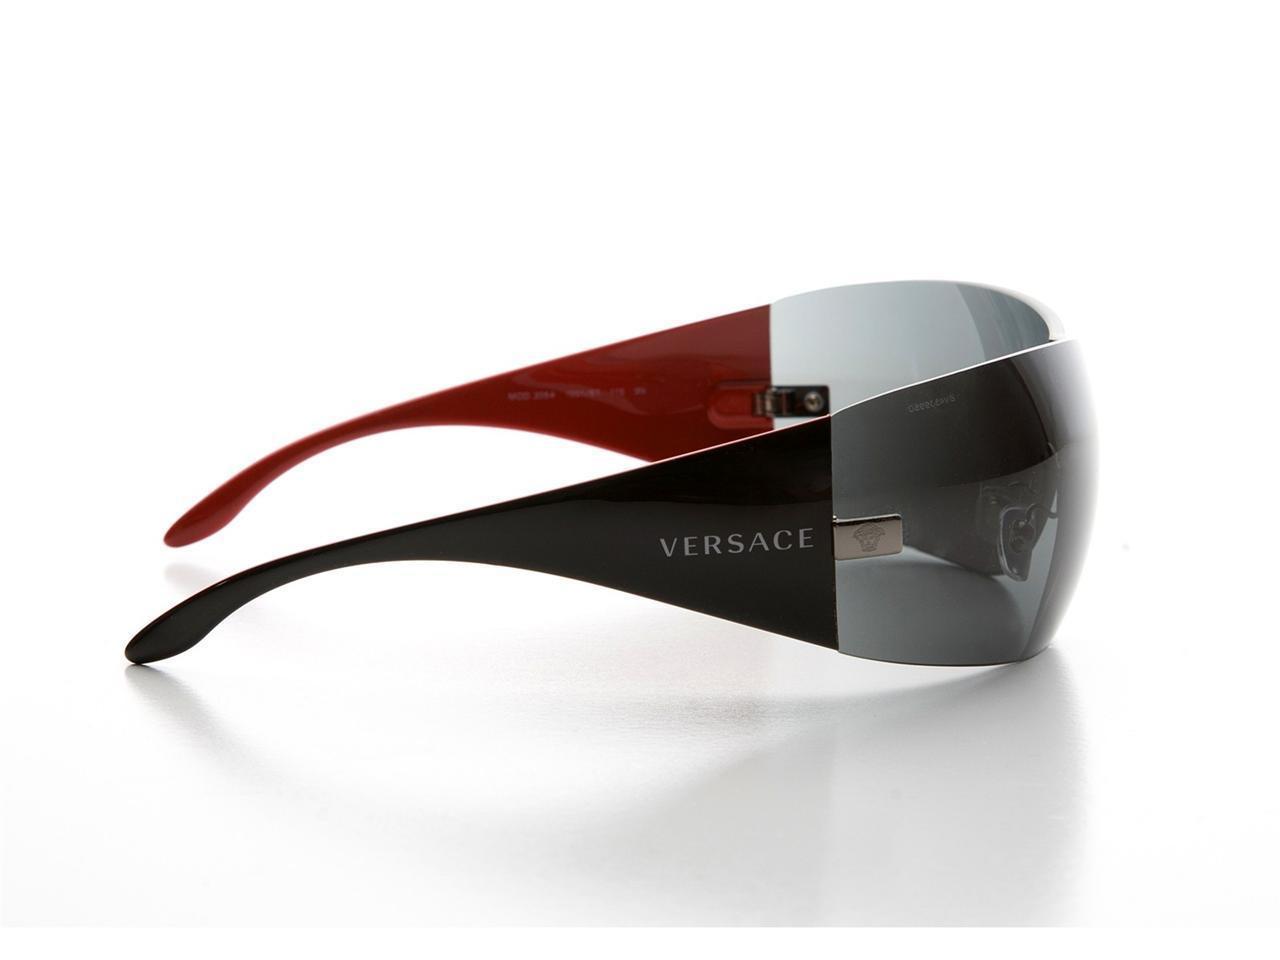 e8e062a4ce Versace VE2054 Wrap Around - Visionary Optometrists